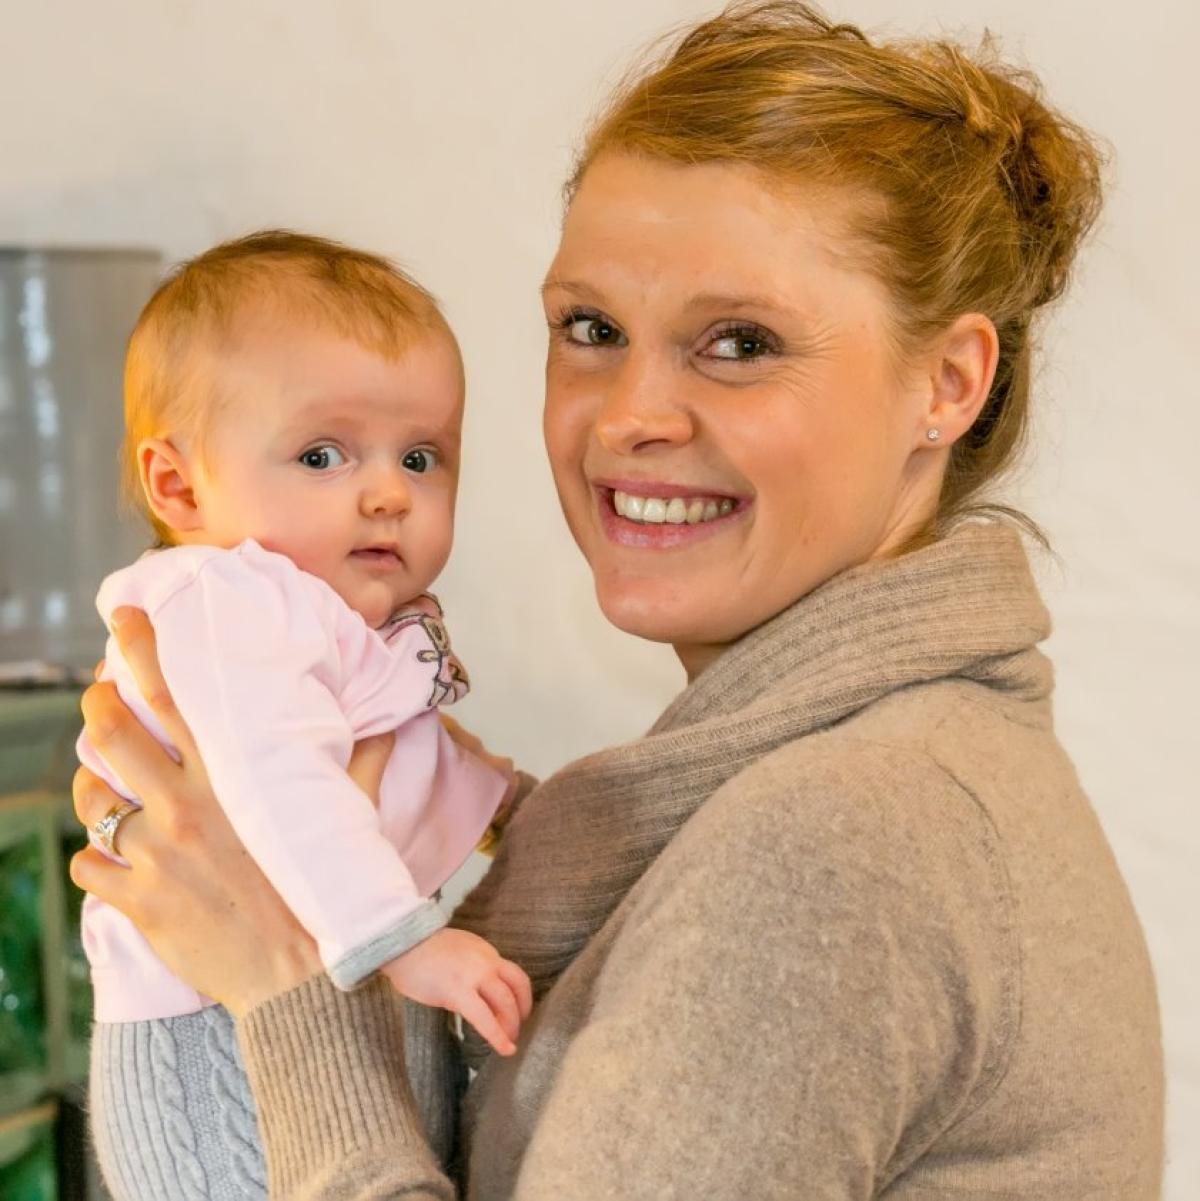 Lese Stehle biathlon evi sachenbacher stehle neues leben mit baby glück